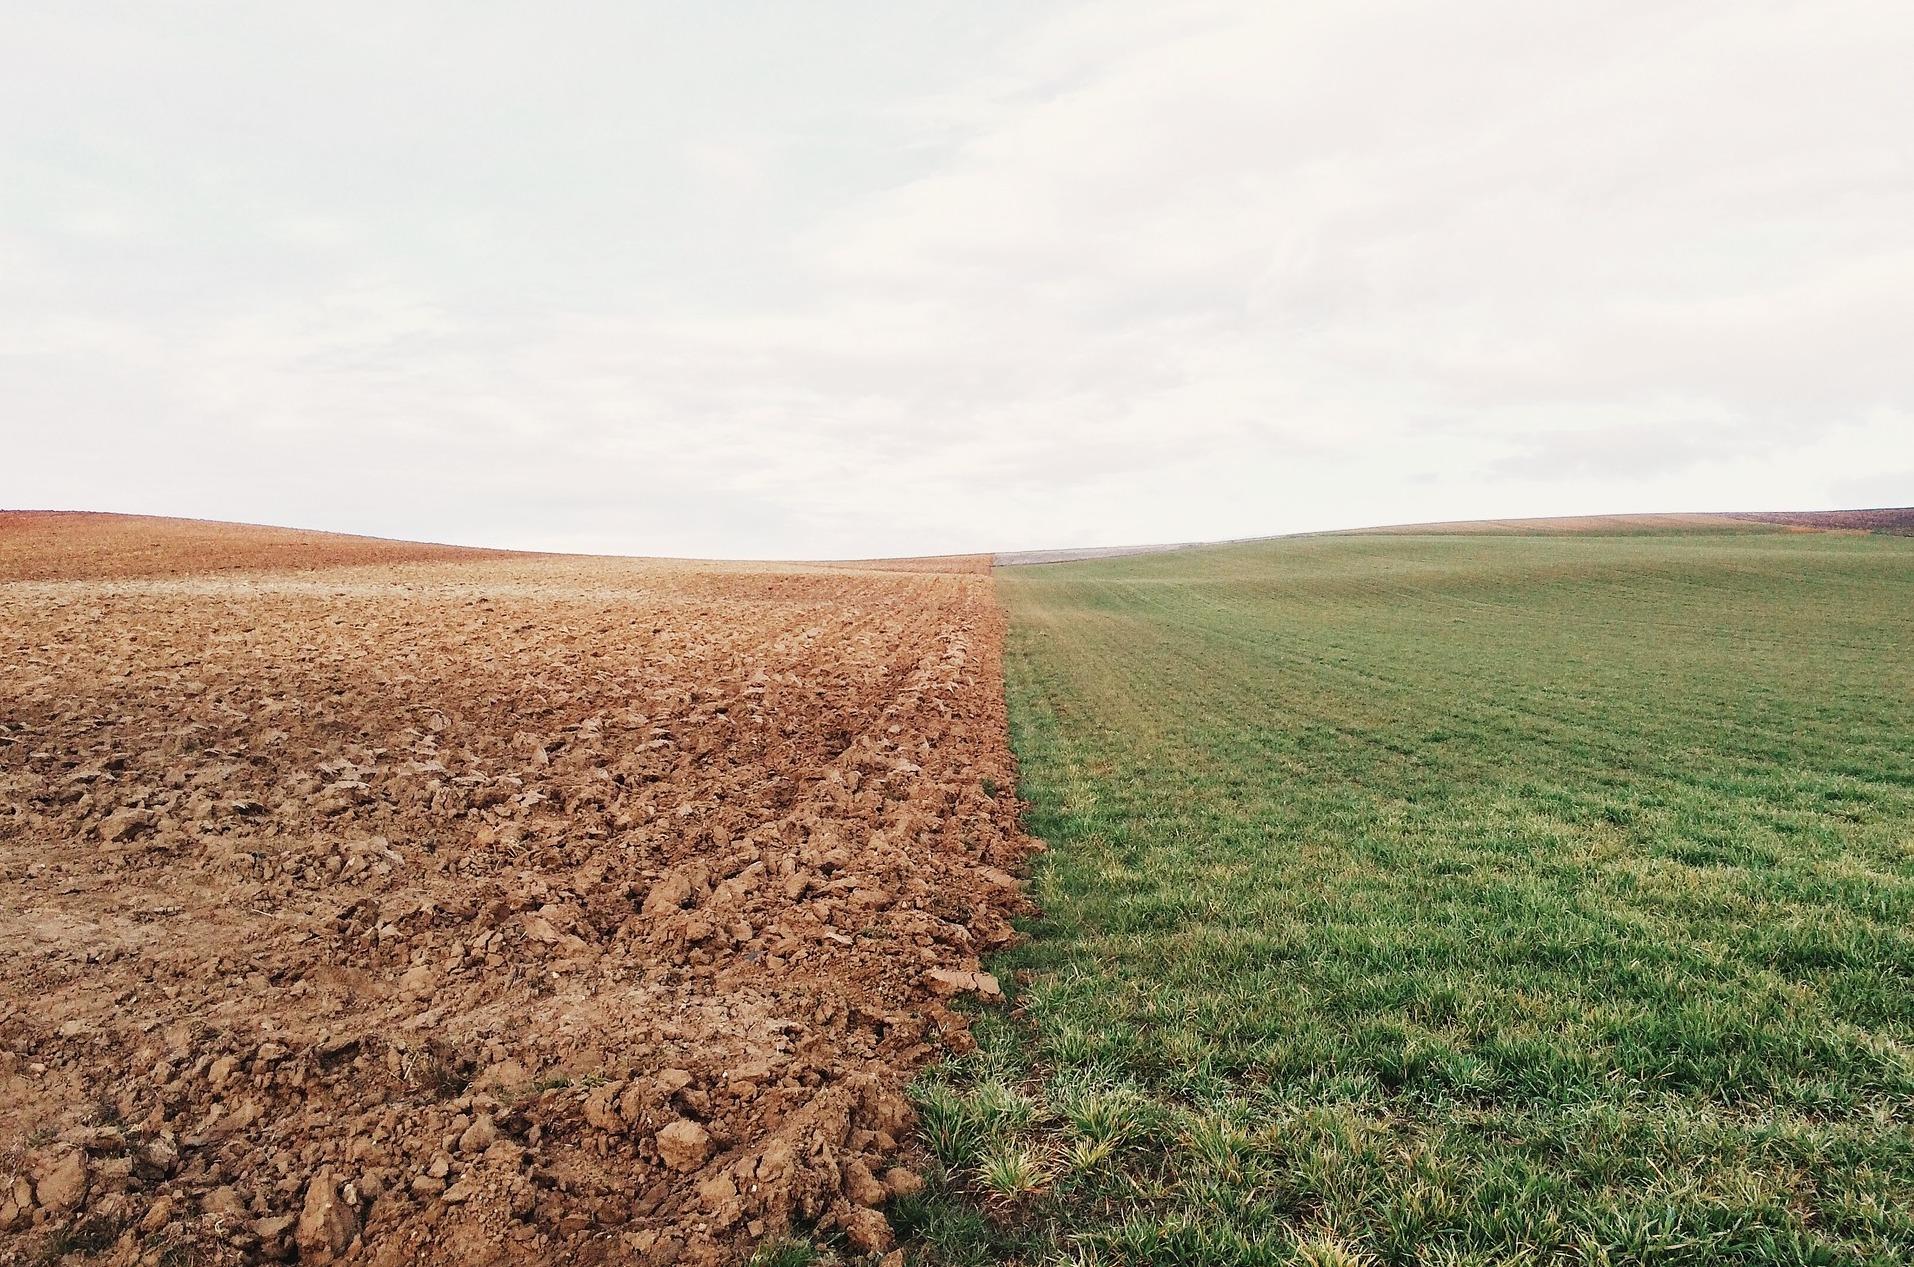 Internationaler Währungsfonds: Warum nachhaltige Lebensmittelsysteme in einer Post-COVID-Welt notwendig sind